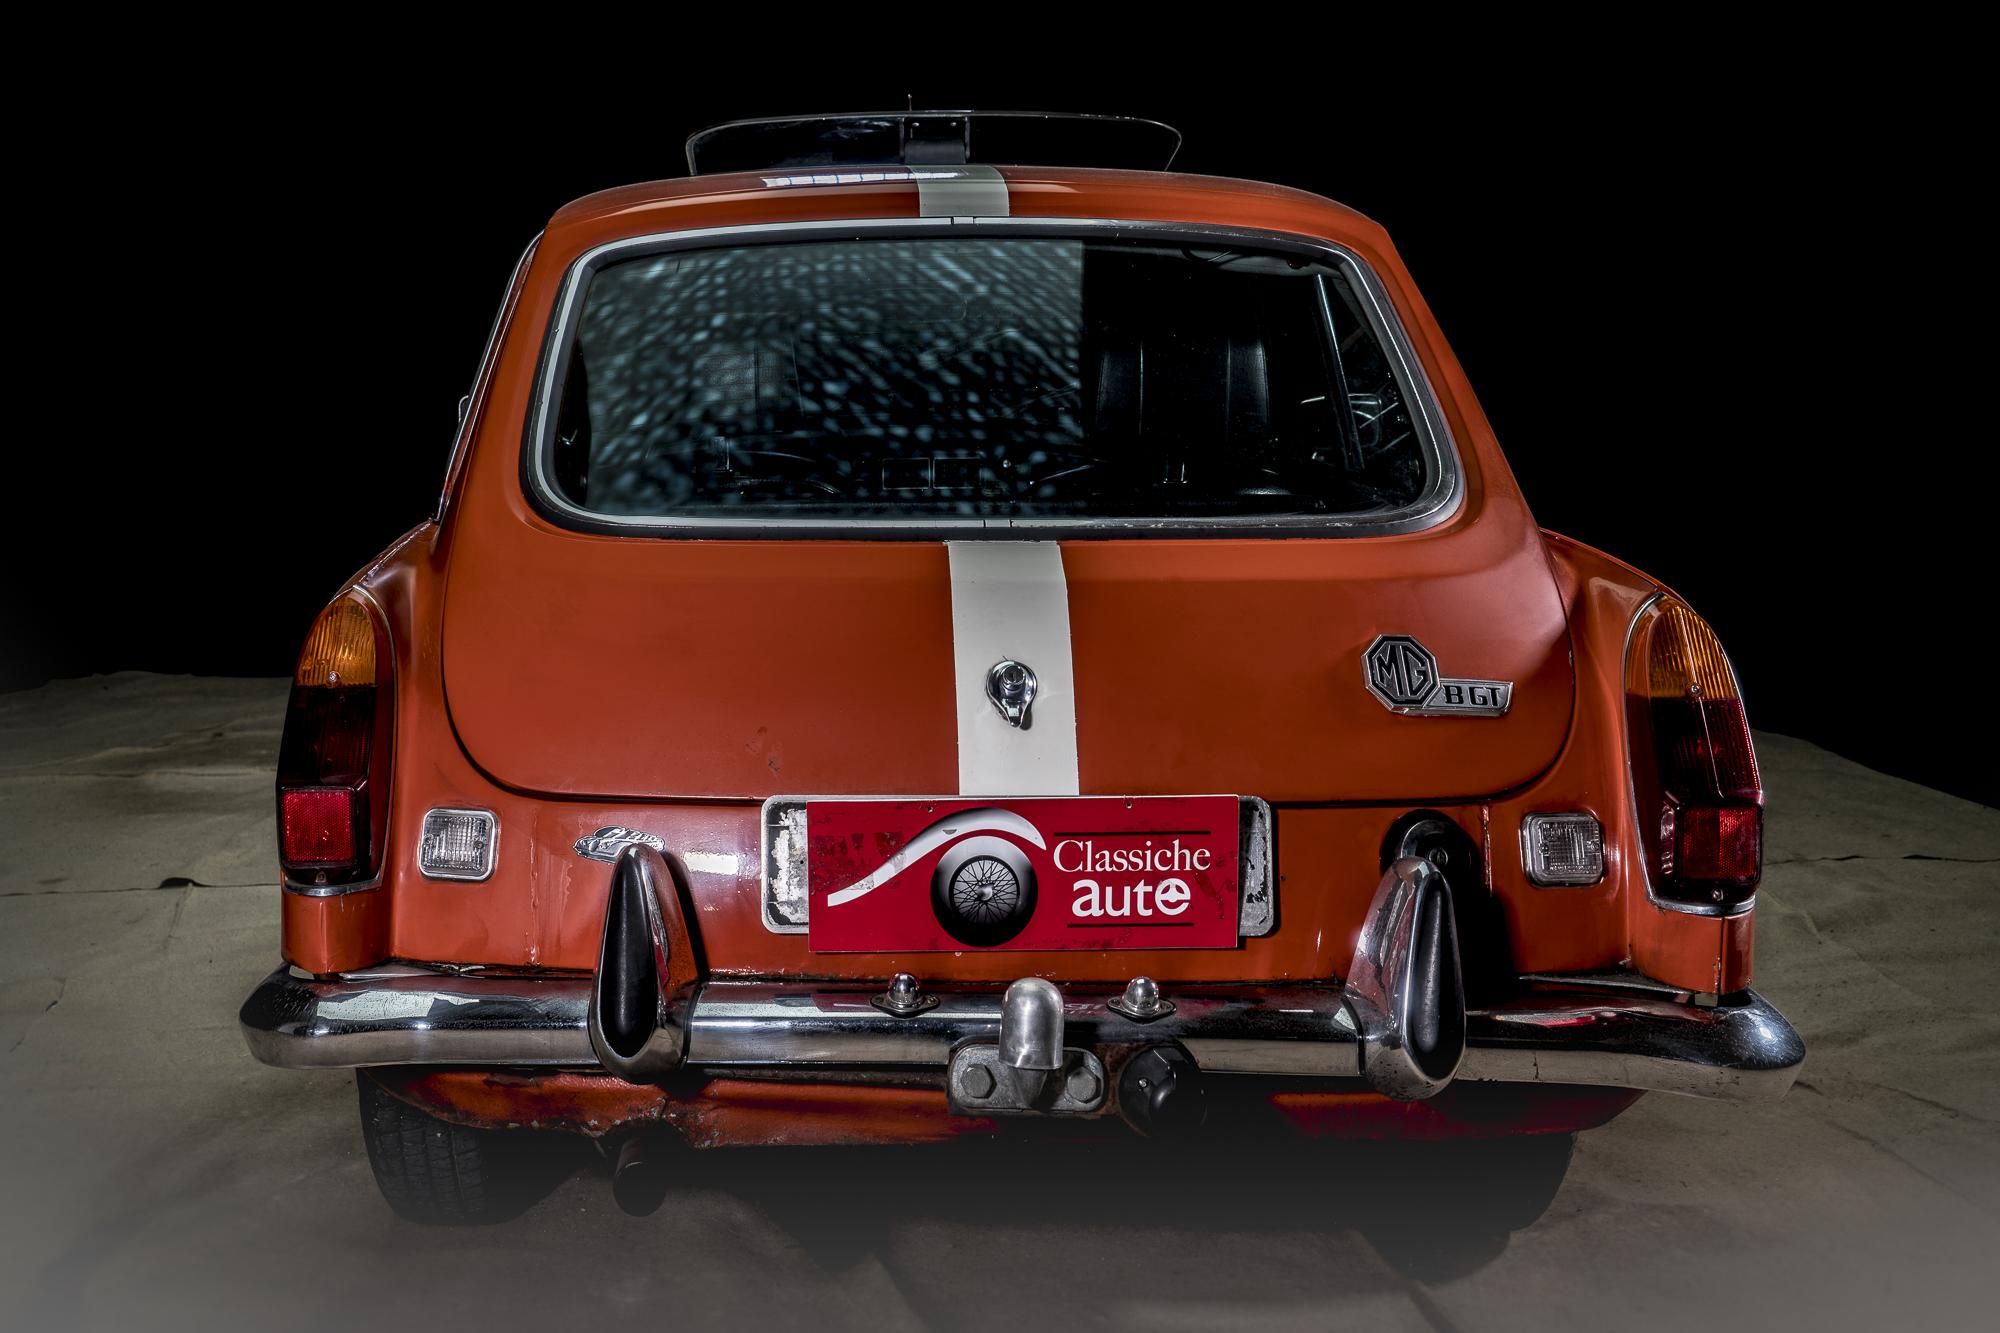 MG B GT COUPE' ASI CLASSICHE AUTO (11)